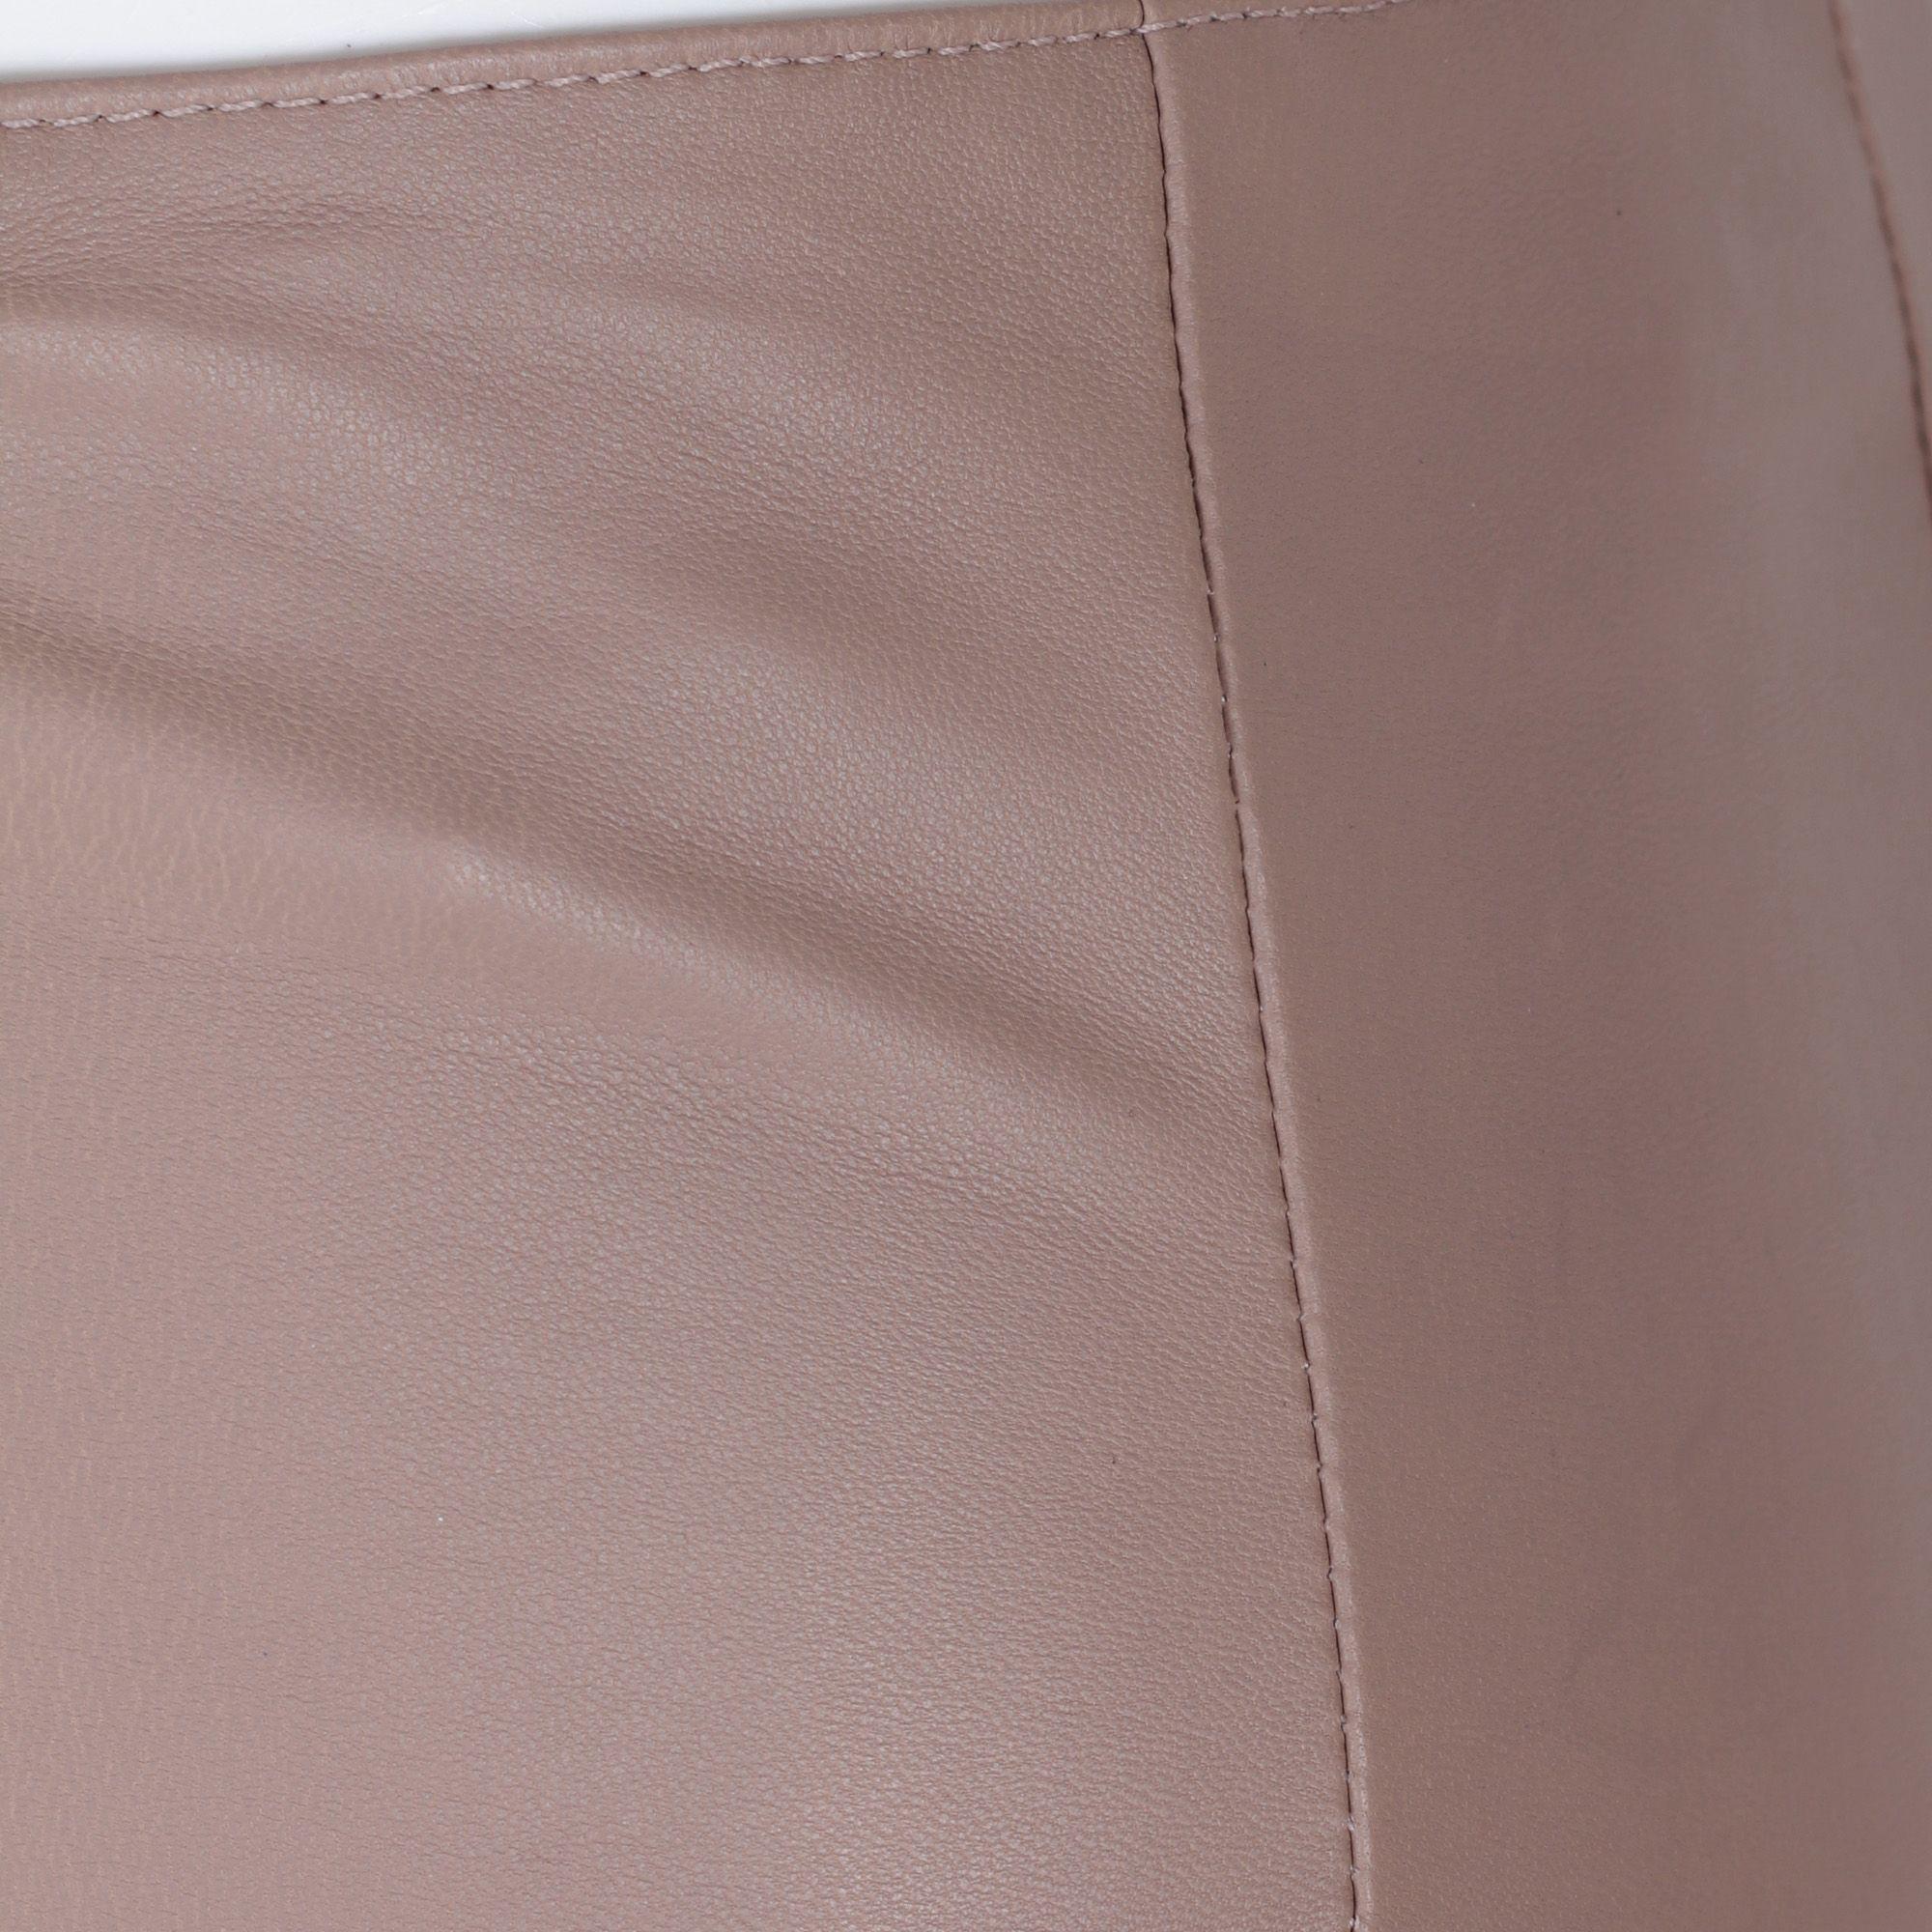 DROME WOMEN'S DPD1010PD6531123 BEIGE LEATHER PANTS